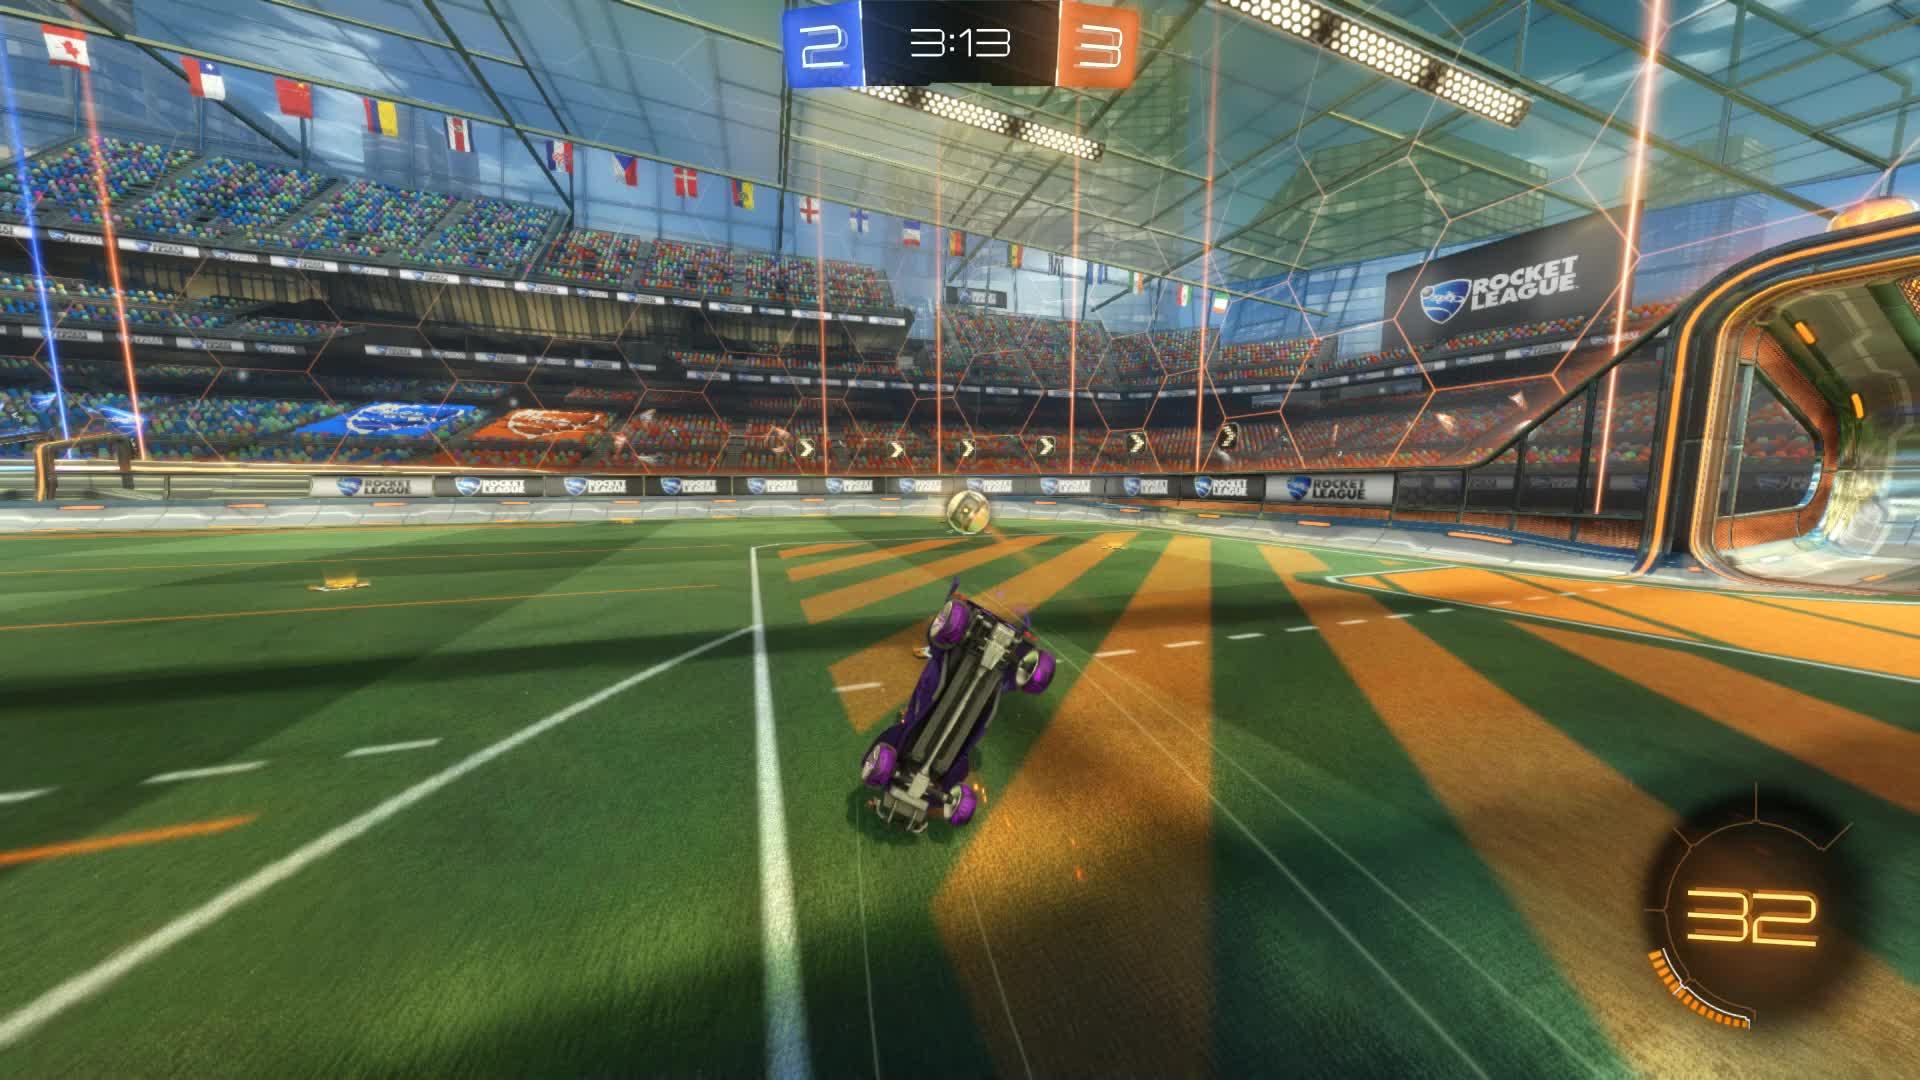 Gif Your Game, GifYourGame, Goal, Ketchup = Bipolar, Rocket League, RocketLeague, Goal 6: Ketchup = Bipolar GIFs